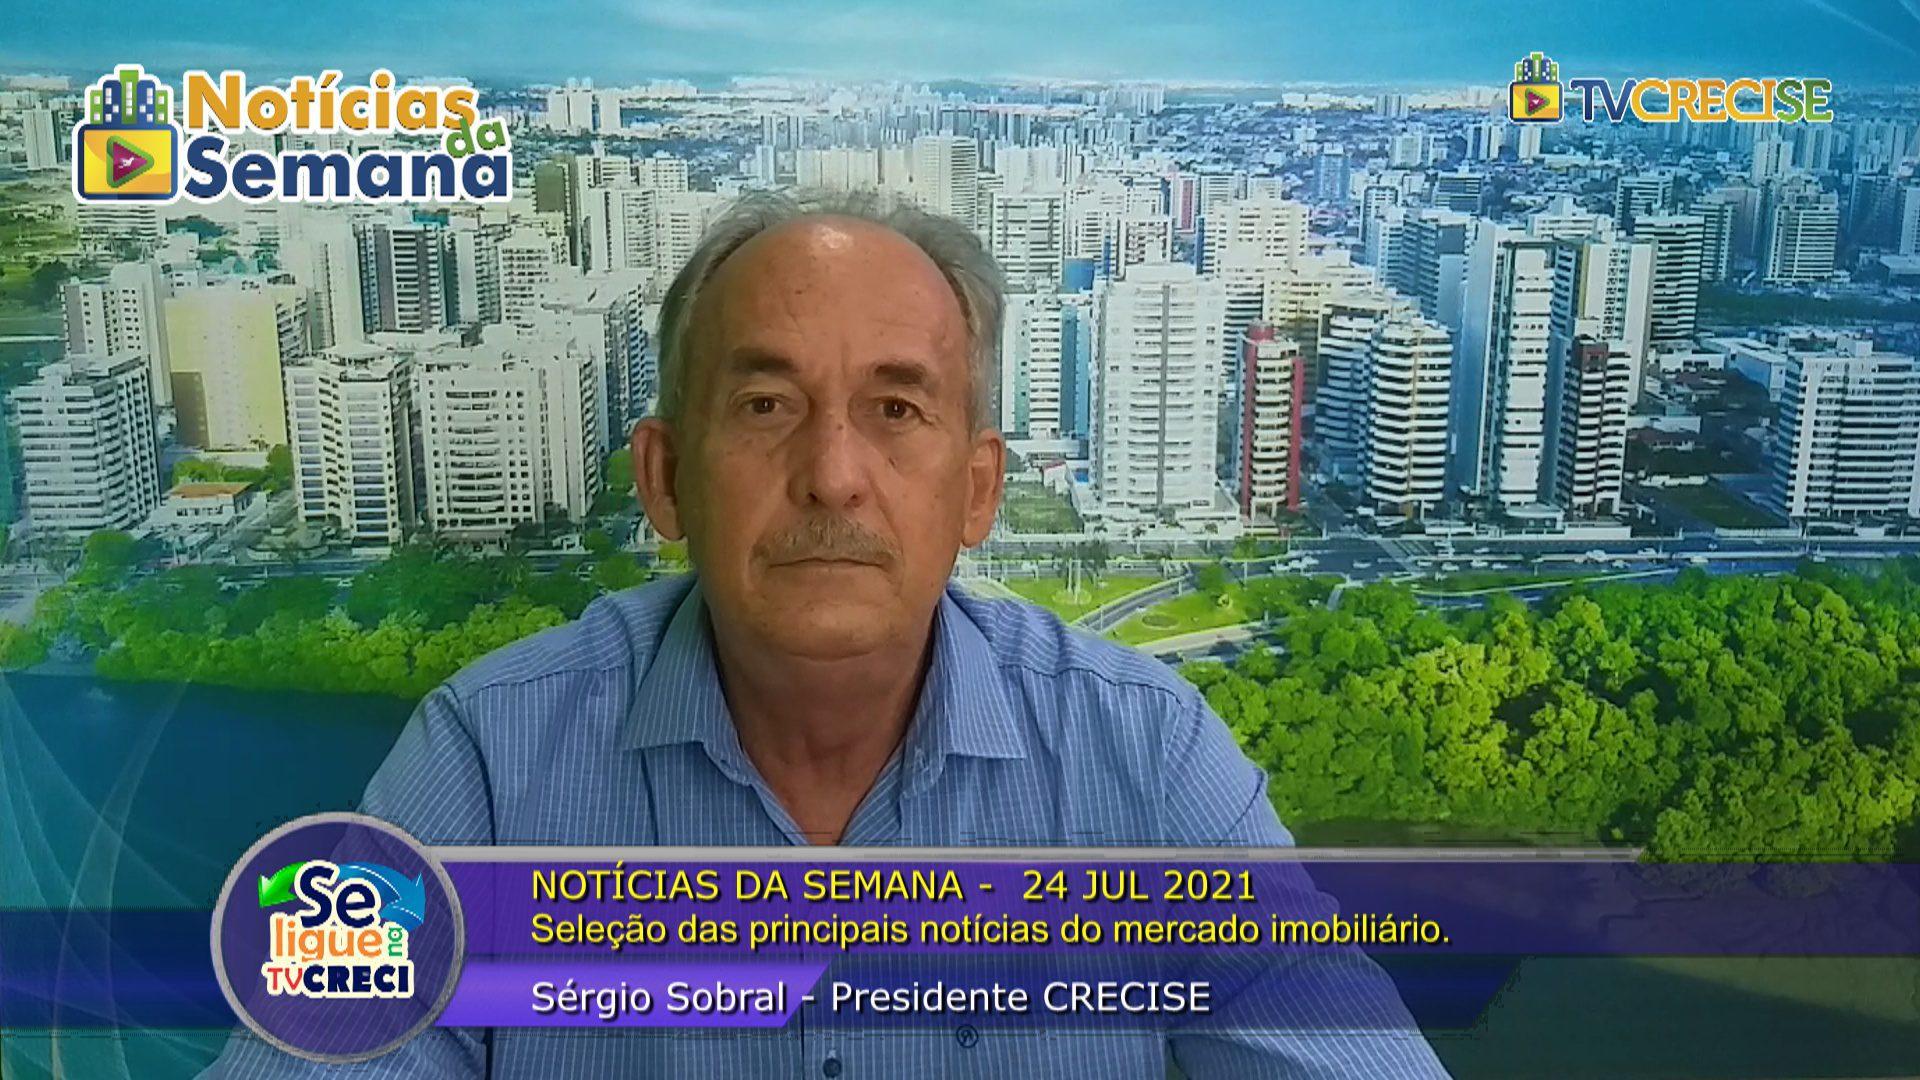 # NOTÍCIAS DA SEMANA – 24 JUL 2021